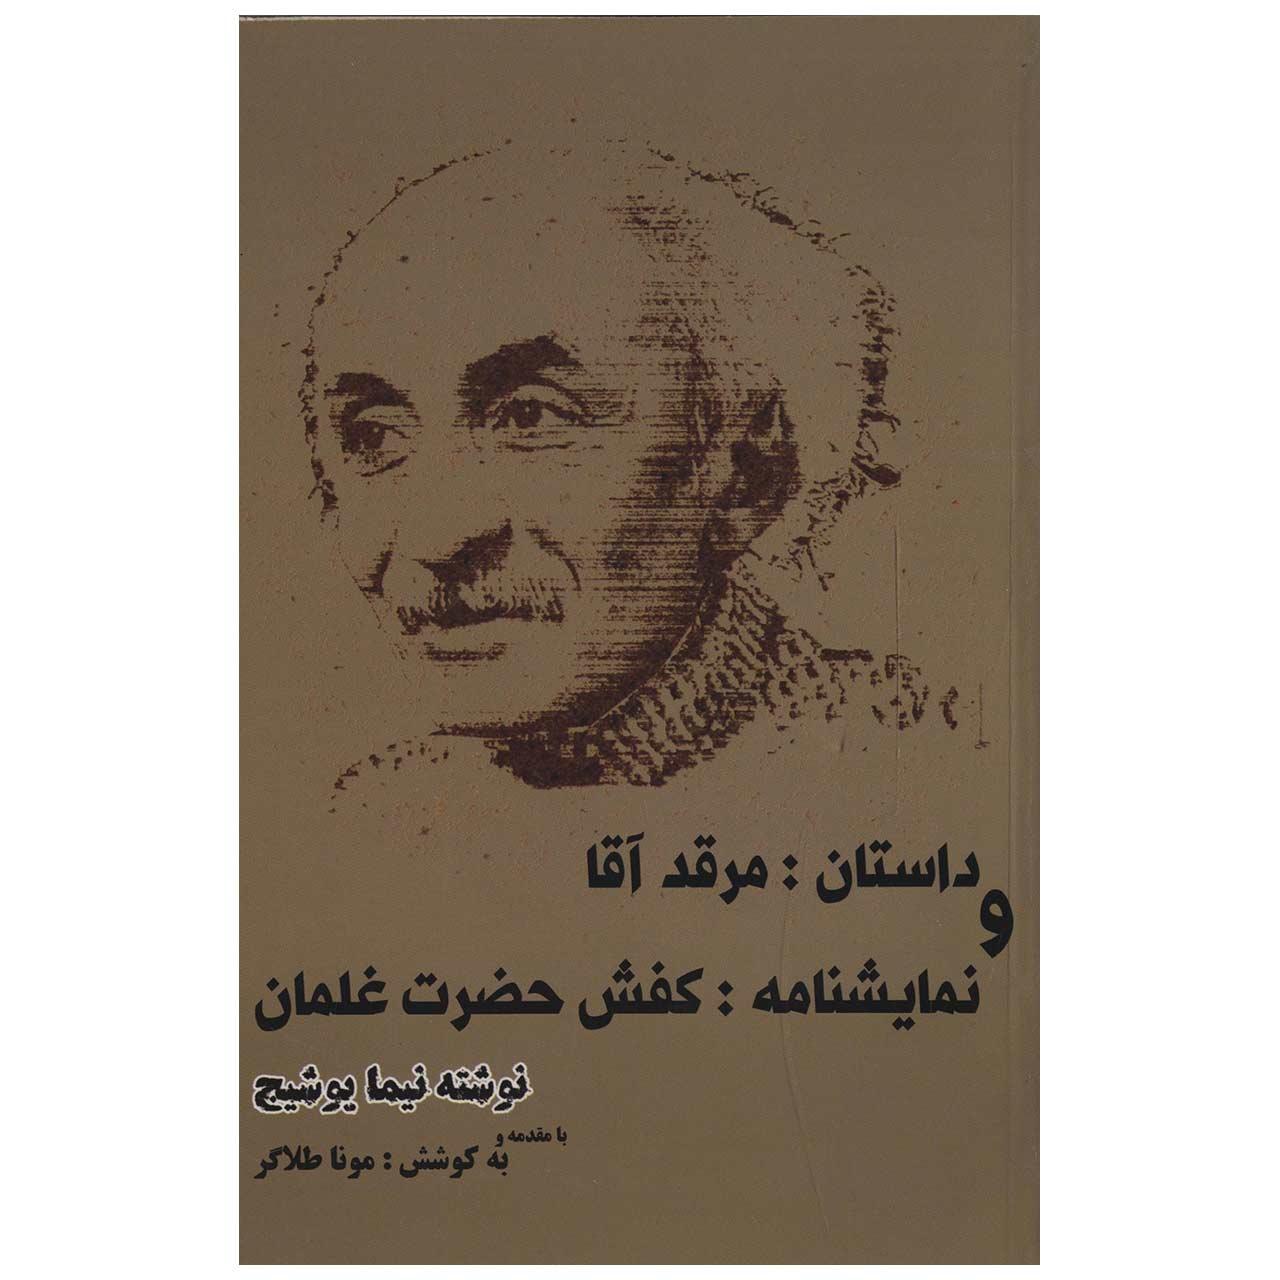 خرید                      کتاب داستان مرقد آقا و نمایشنامه کفش حضرت غلمان اثر نیما یوشیج